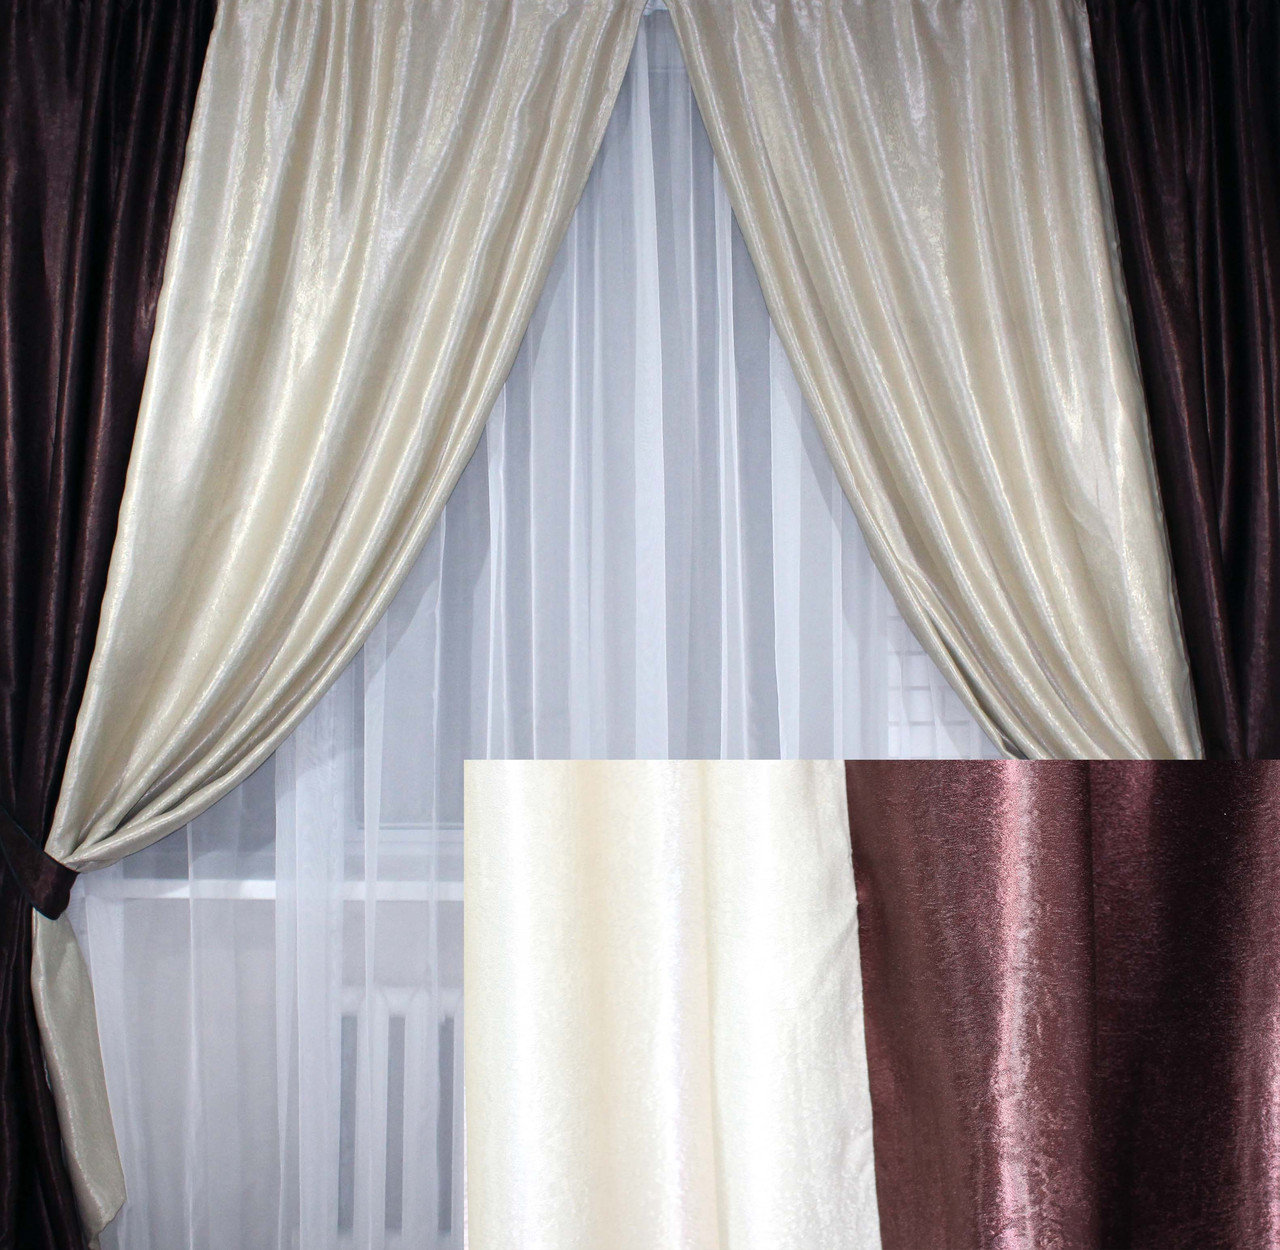 Ткань барби: описание, что это, характеристика, тянется или нет, состав и фото